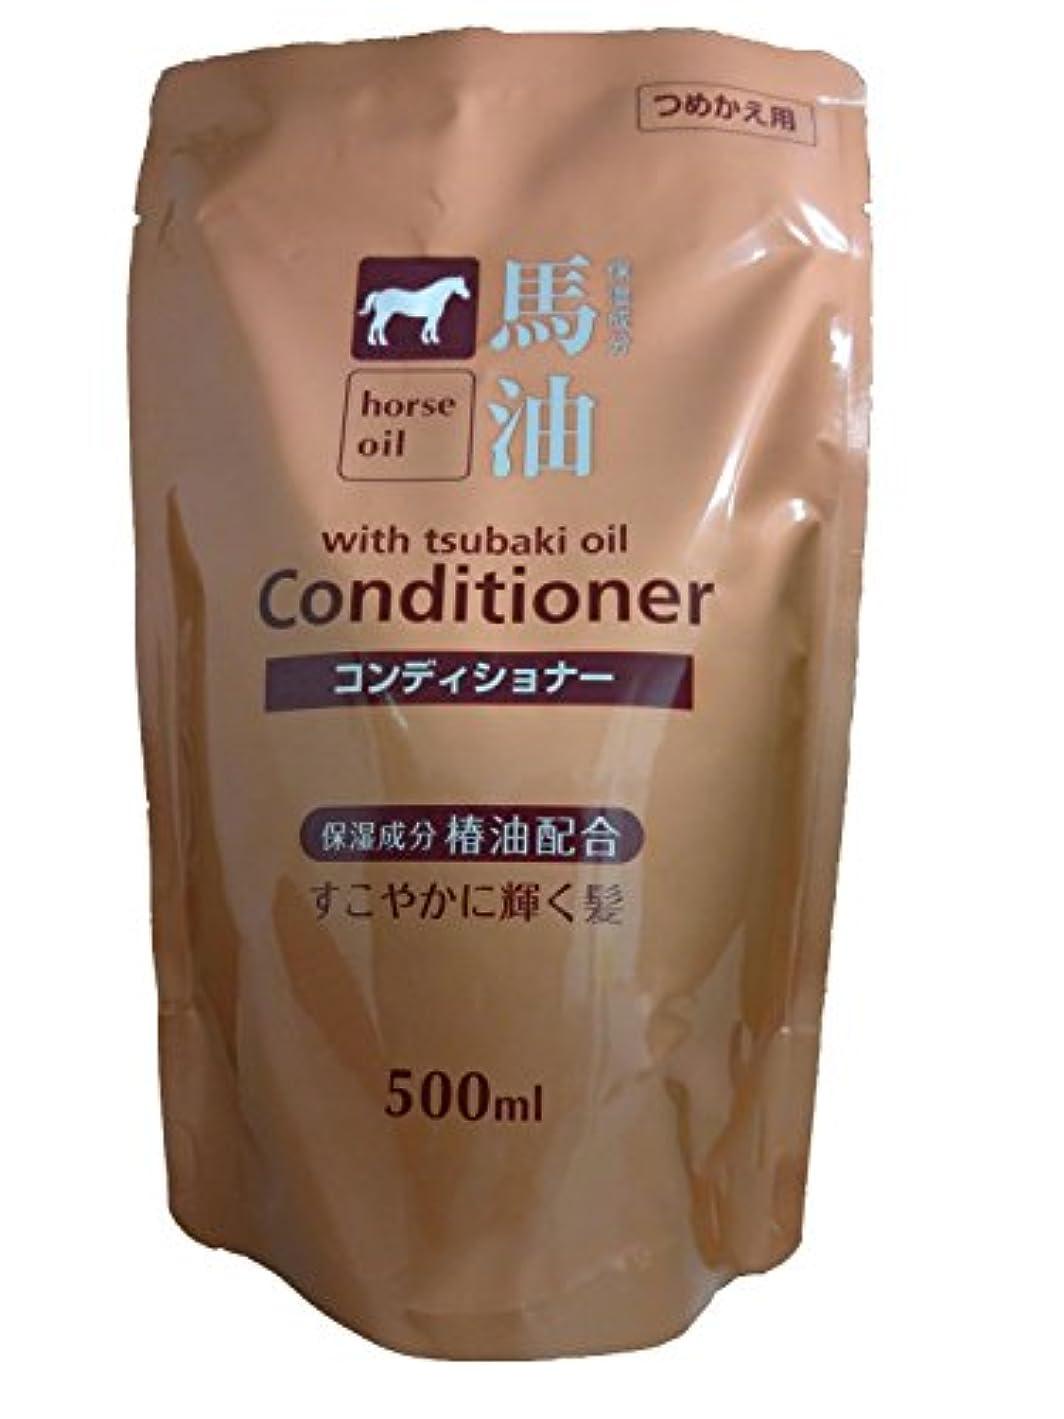 びっくりする補助宿泊施設熊野油脂 馬油コンディショナー 詰め替え用 500ml